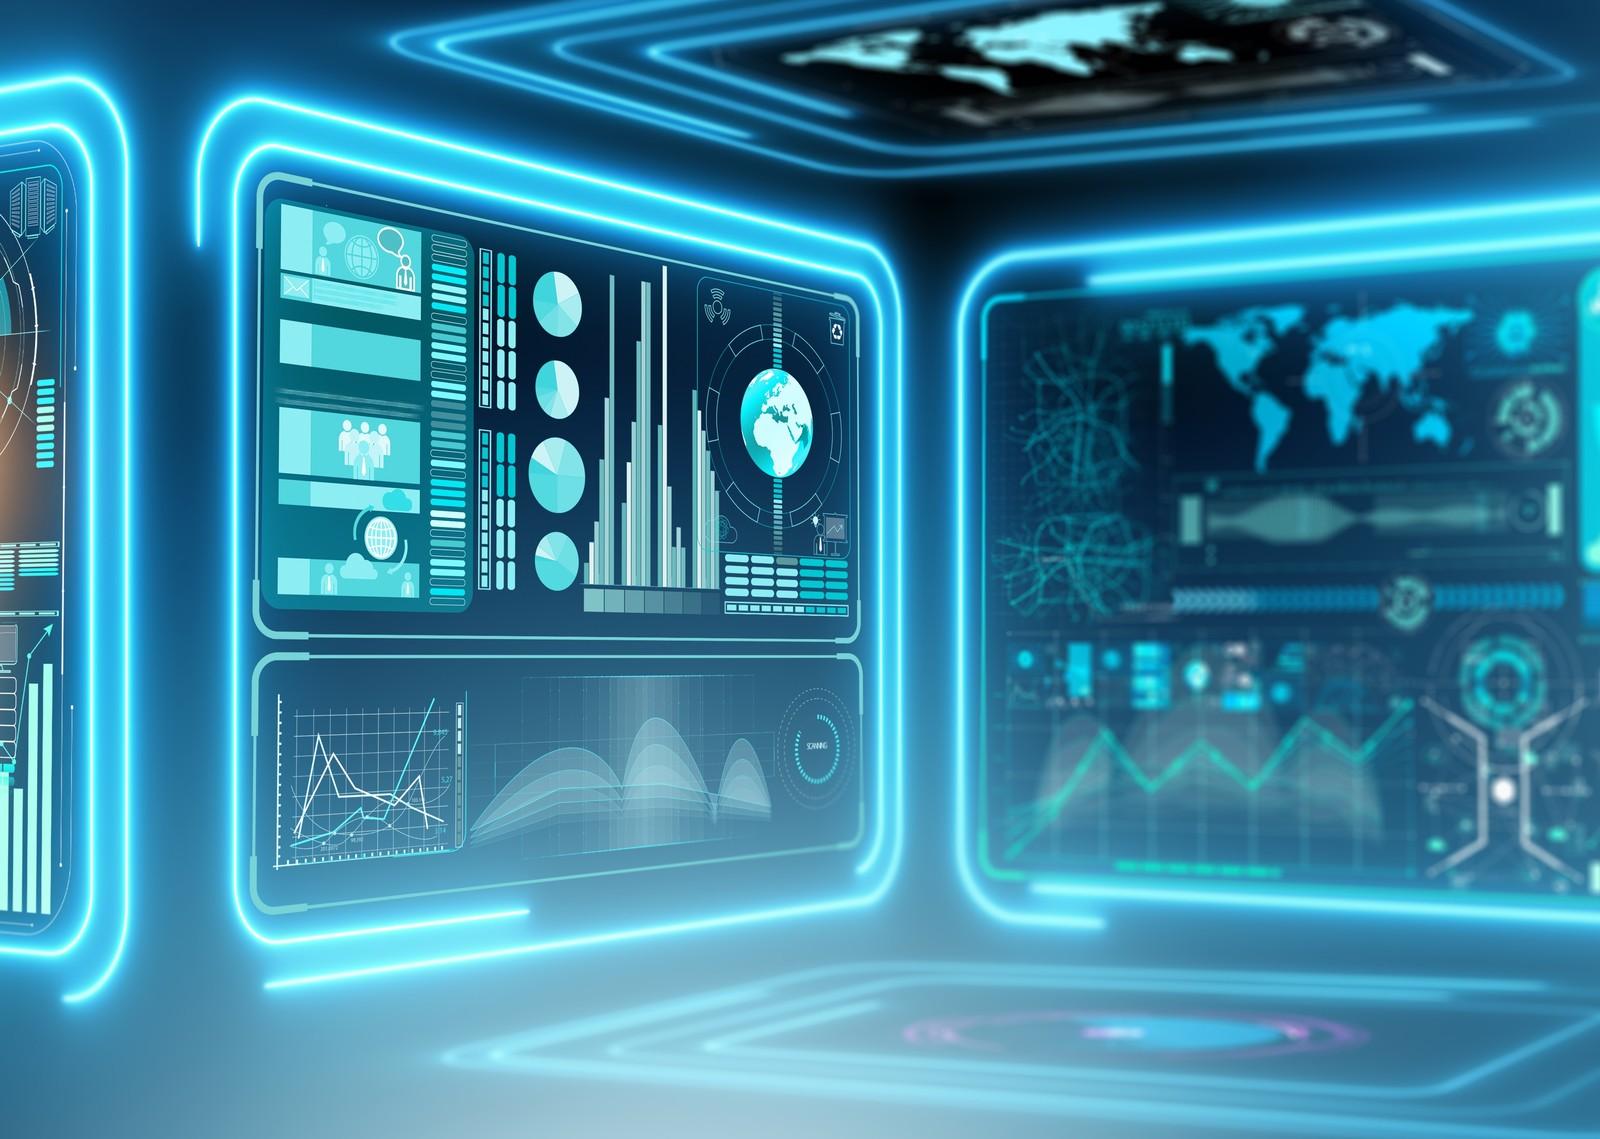 Big Data Streaming Analytics in einer vernetzten, adaptiven Produktion: WZL und Dell Technologies verstetigen vorwettbewerbliche Zusammenarbeit.